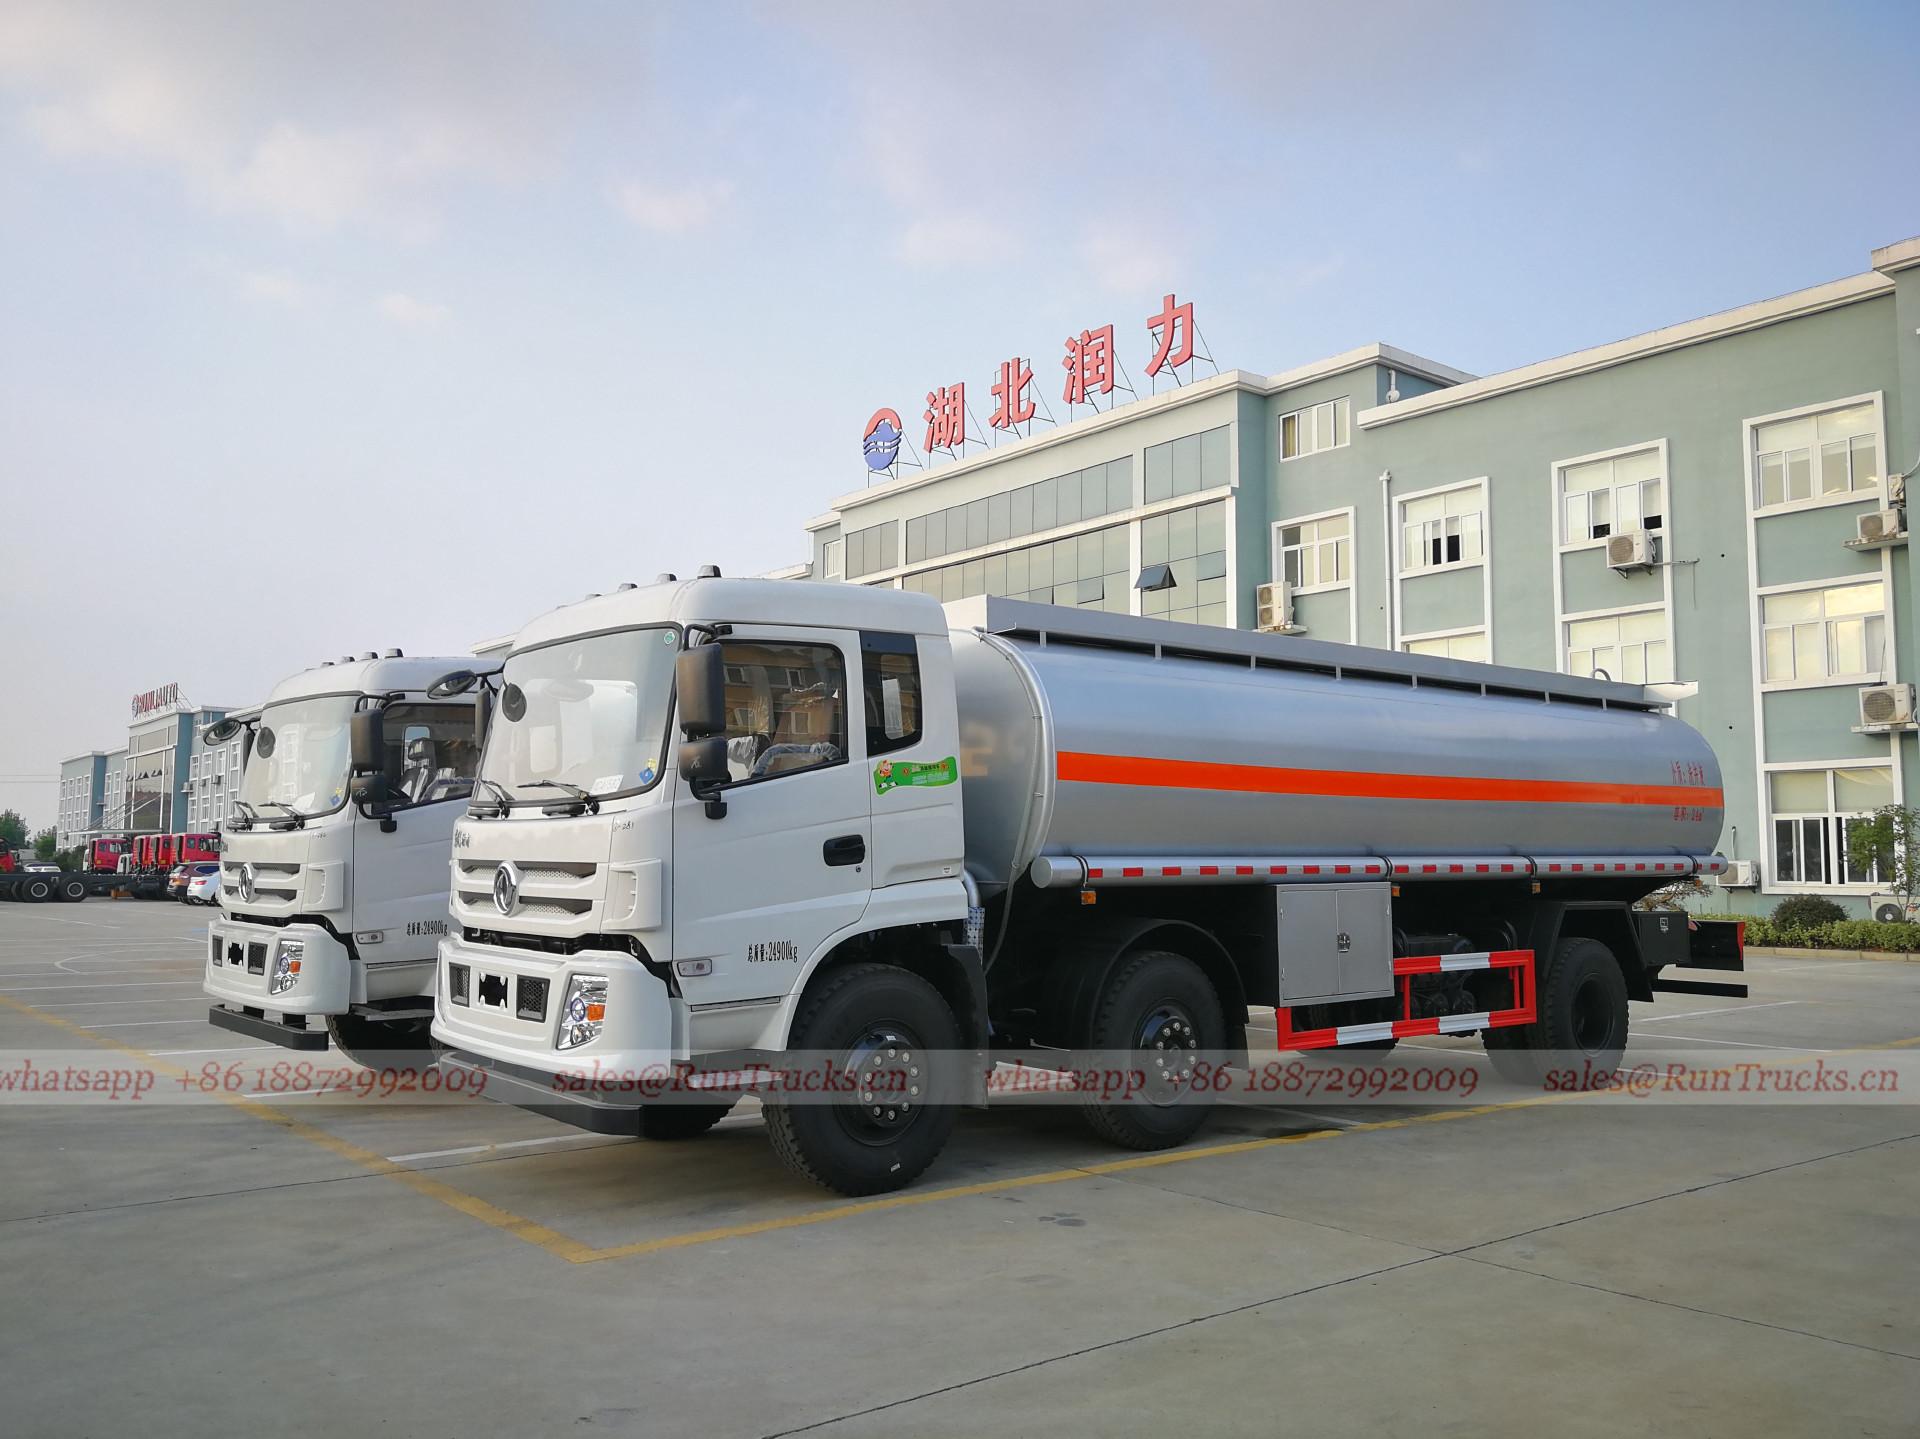 Китай Dongfeng 24 cbm жидкое транспортное средство, перевозк